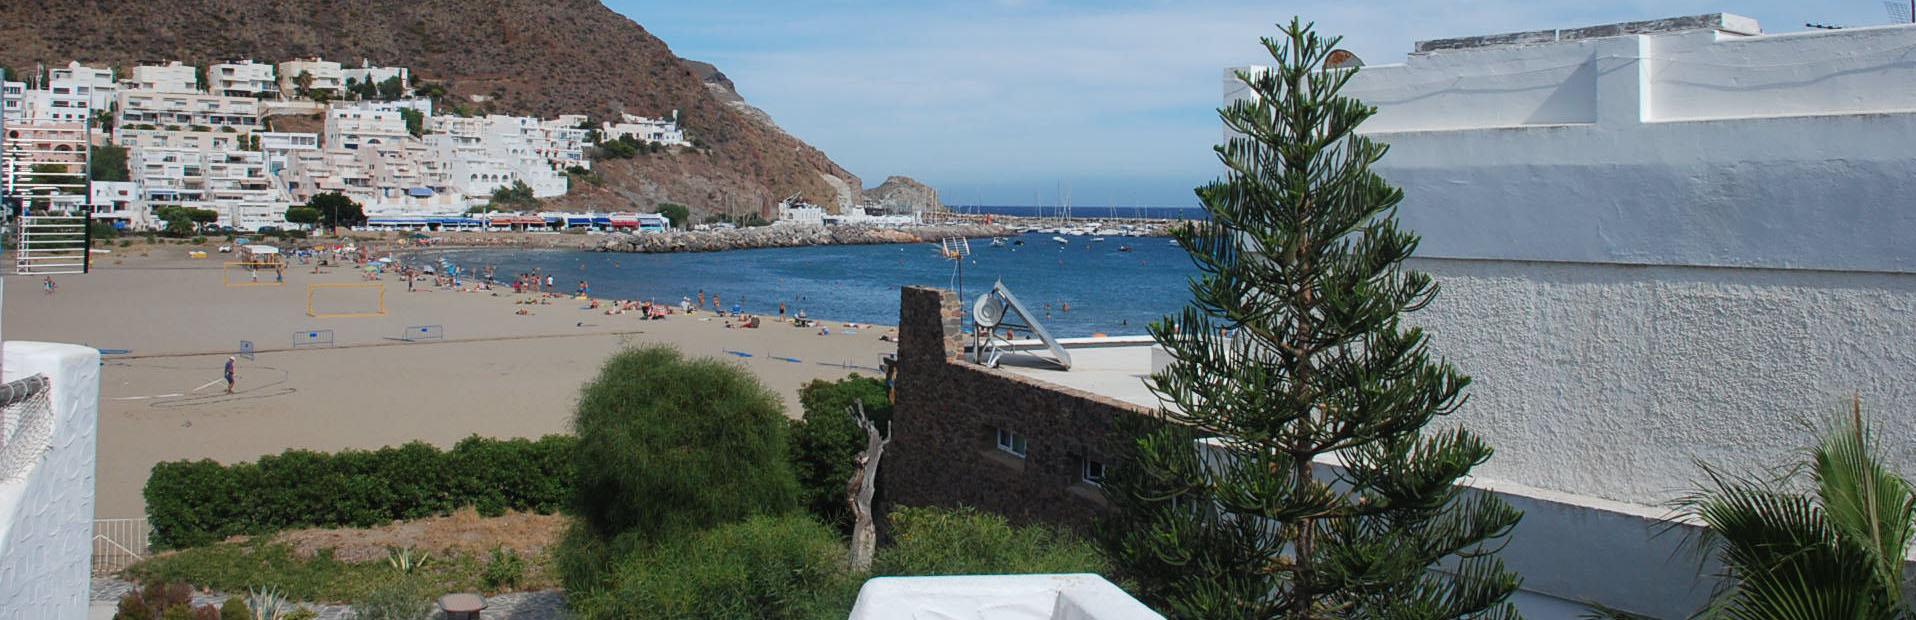 Casa kerstin casa de vacaciones en san jos cabo de gata costa de almeria - Casas en san jose almeria ...